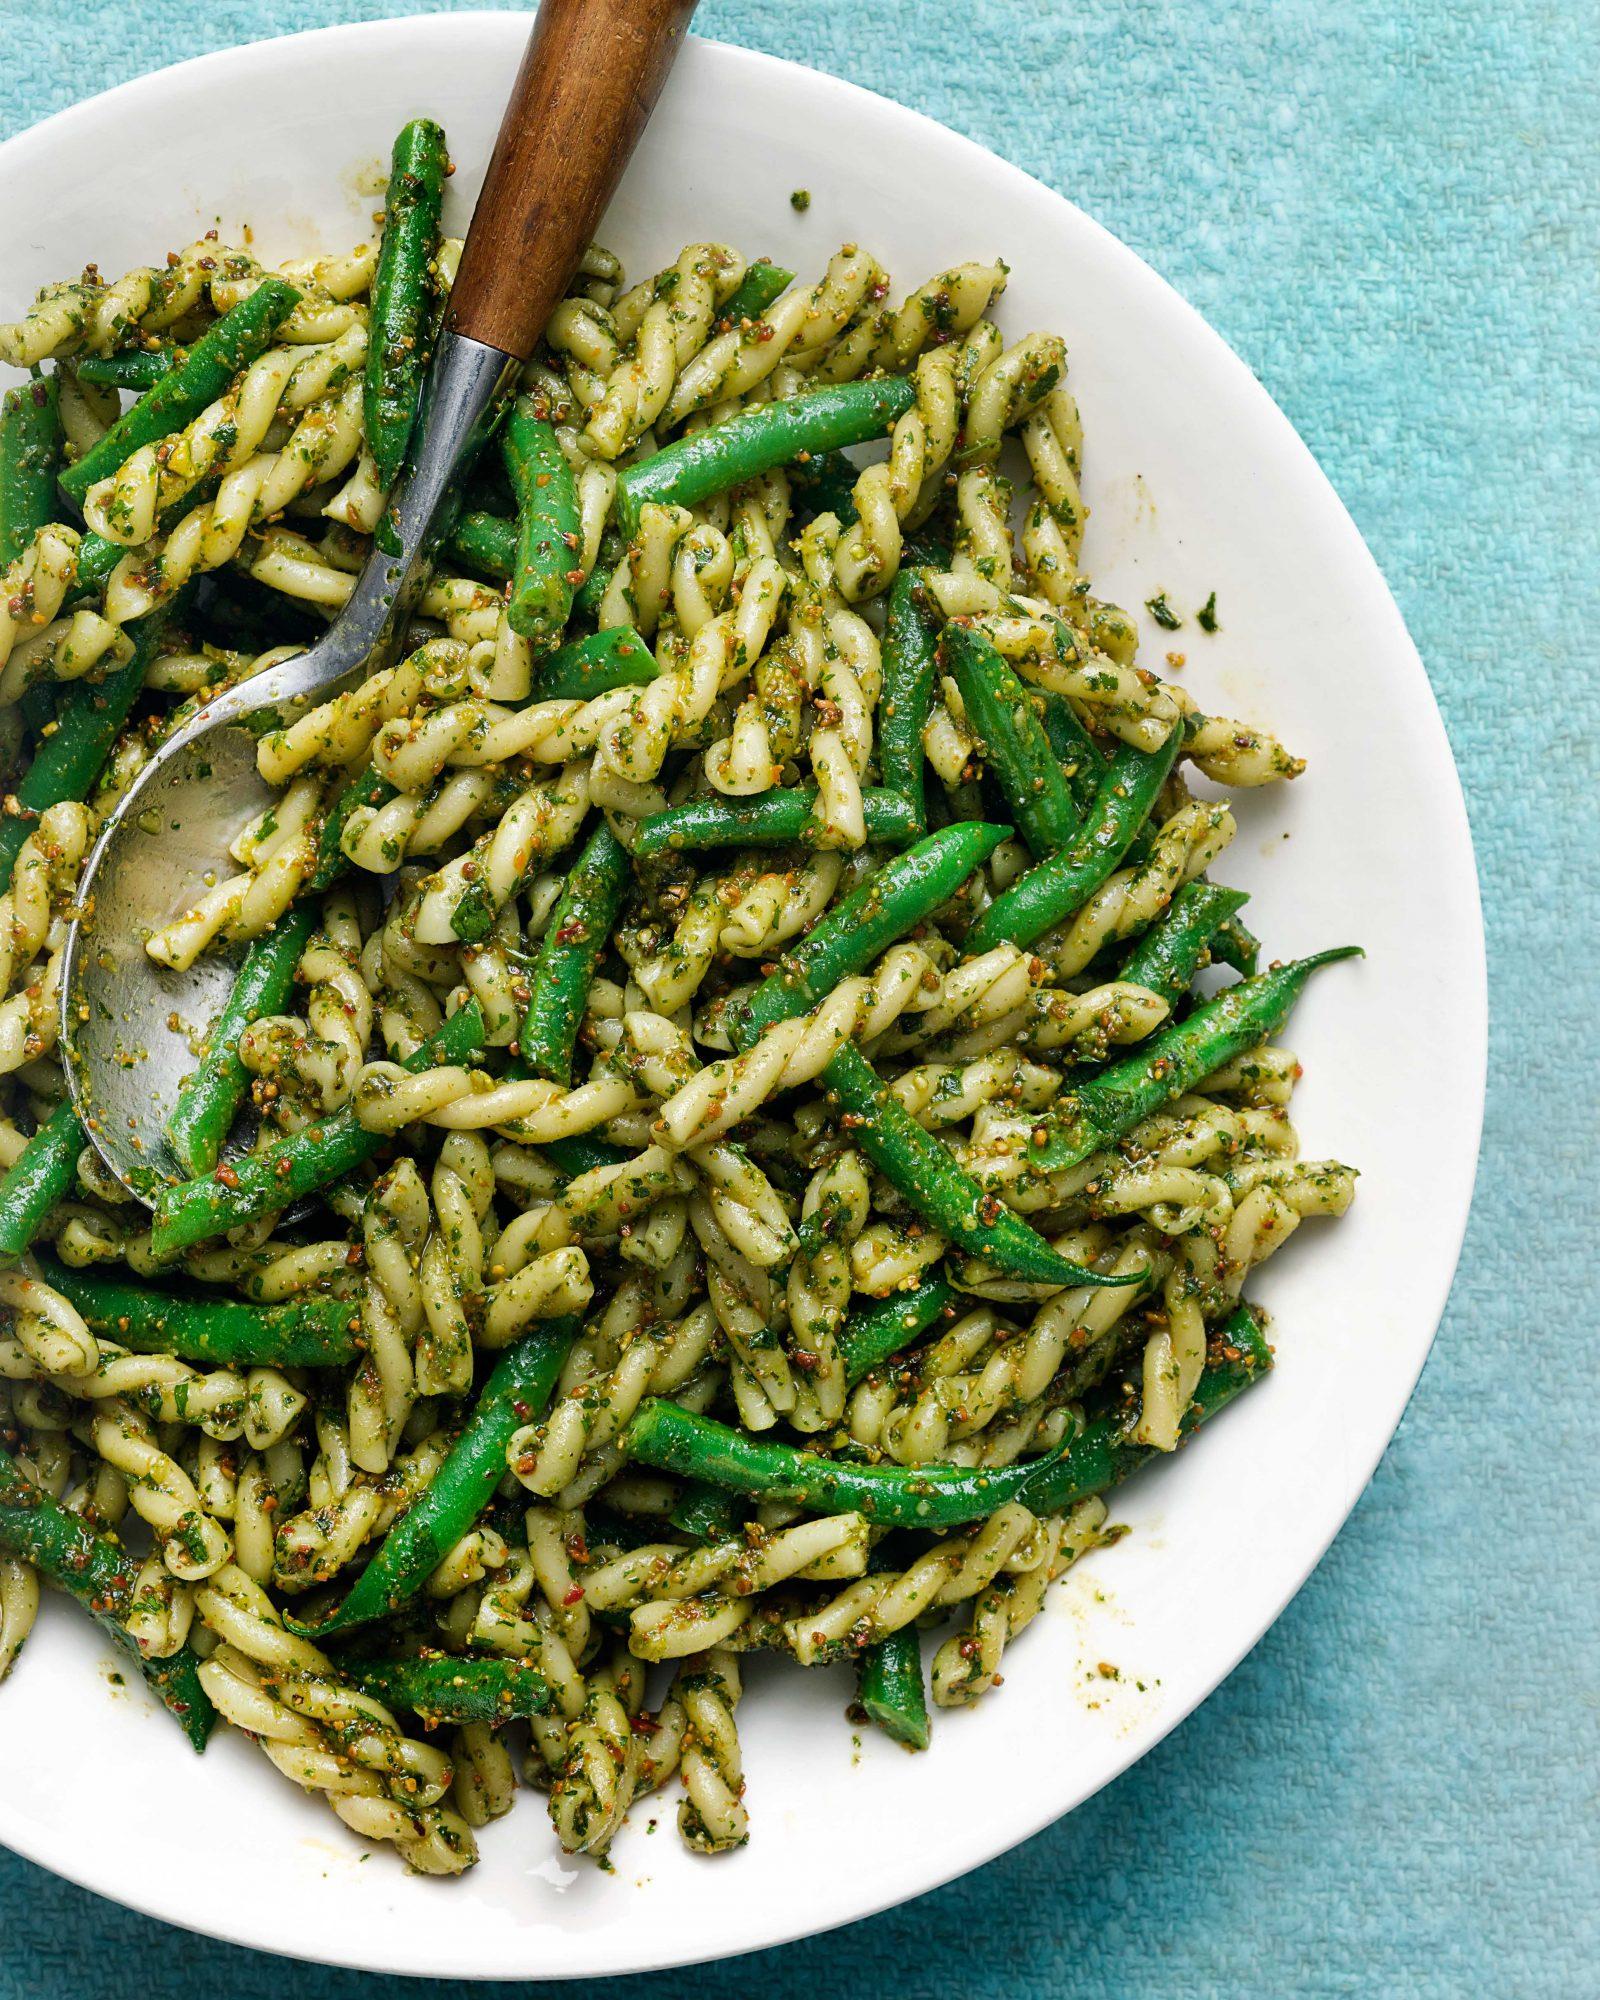 Pistachio-Citrus Pesto with Green Beans & Gemelli